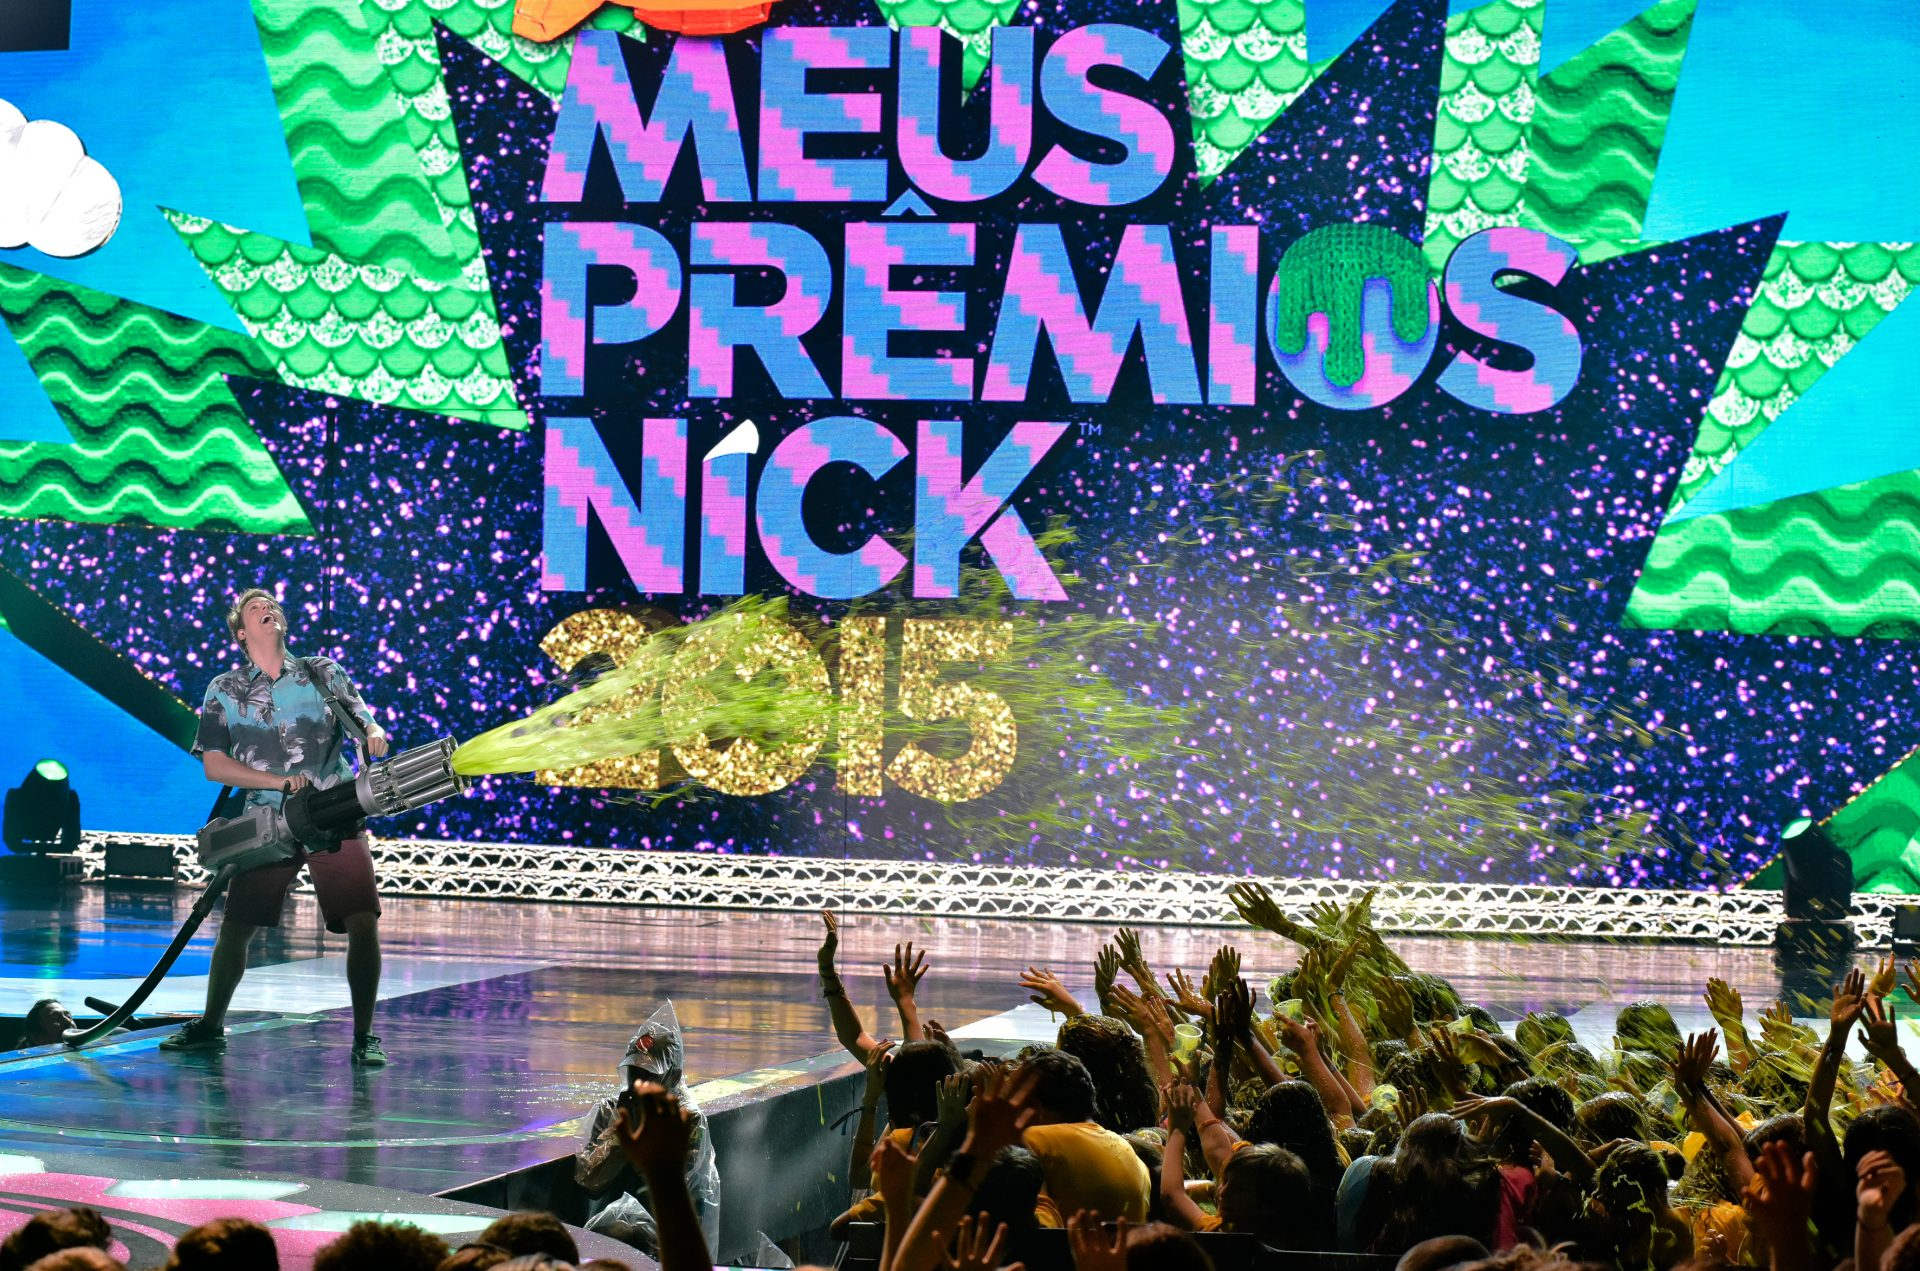 """Fabio Porchat na edição 2015 do """"Meus Prêmios Nick"""". Foto: Divulgação"""